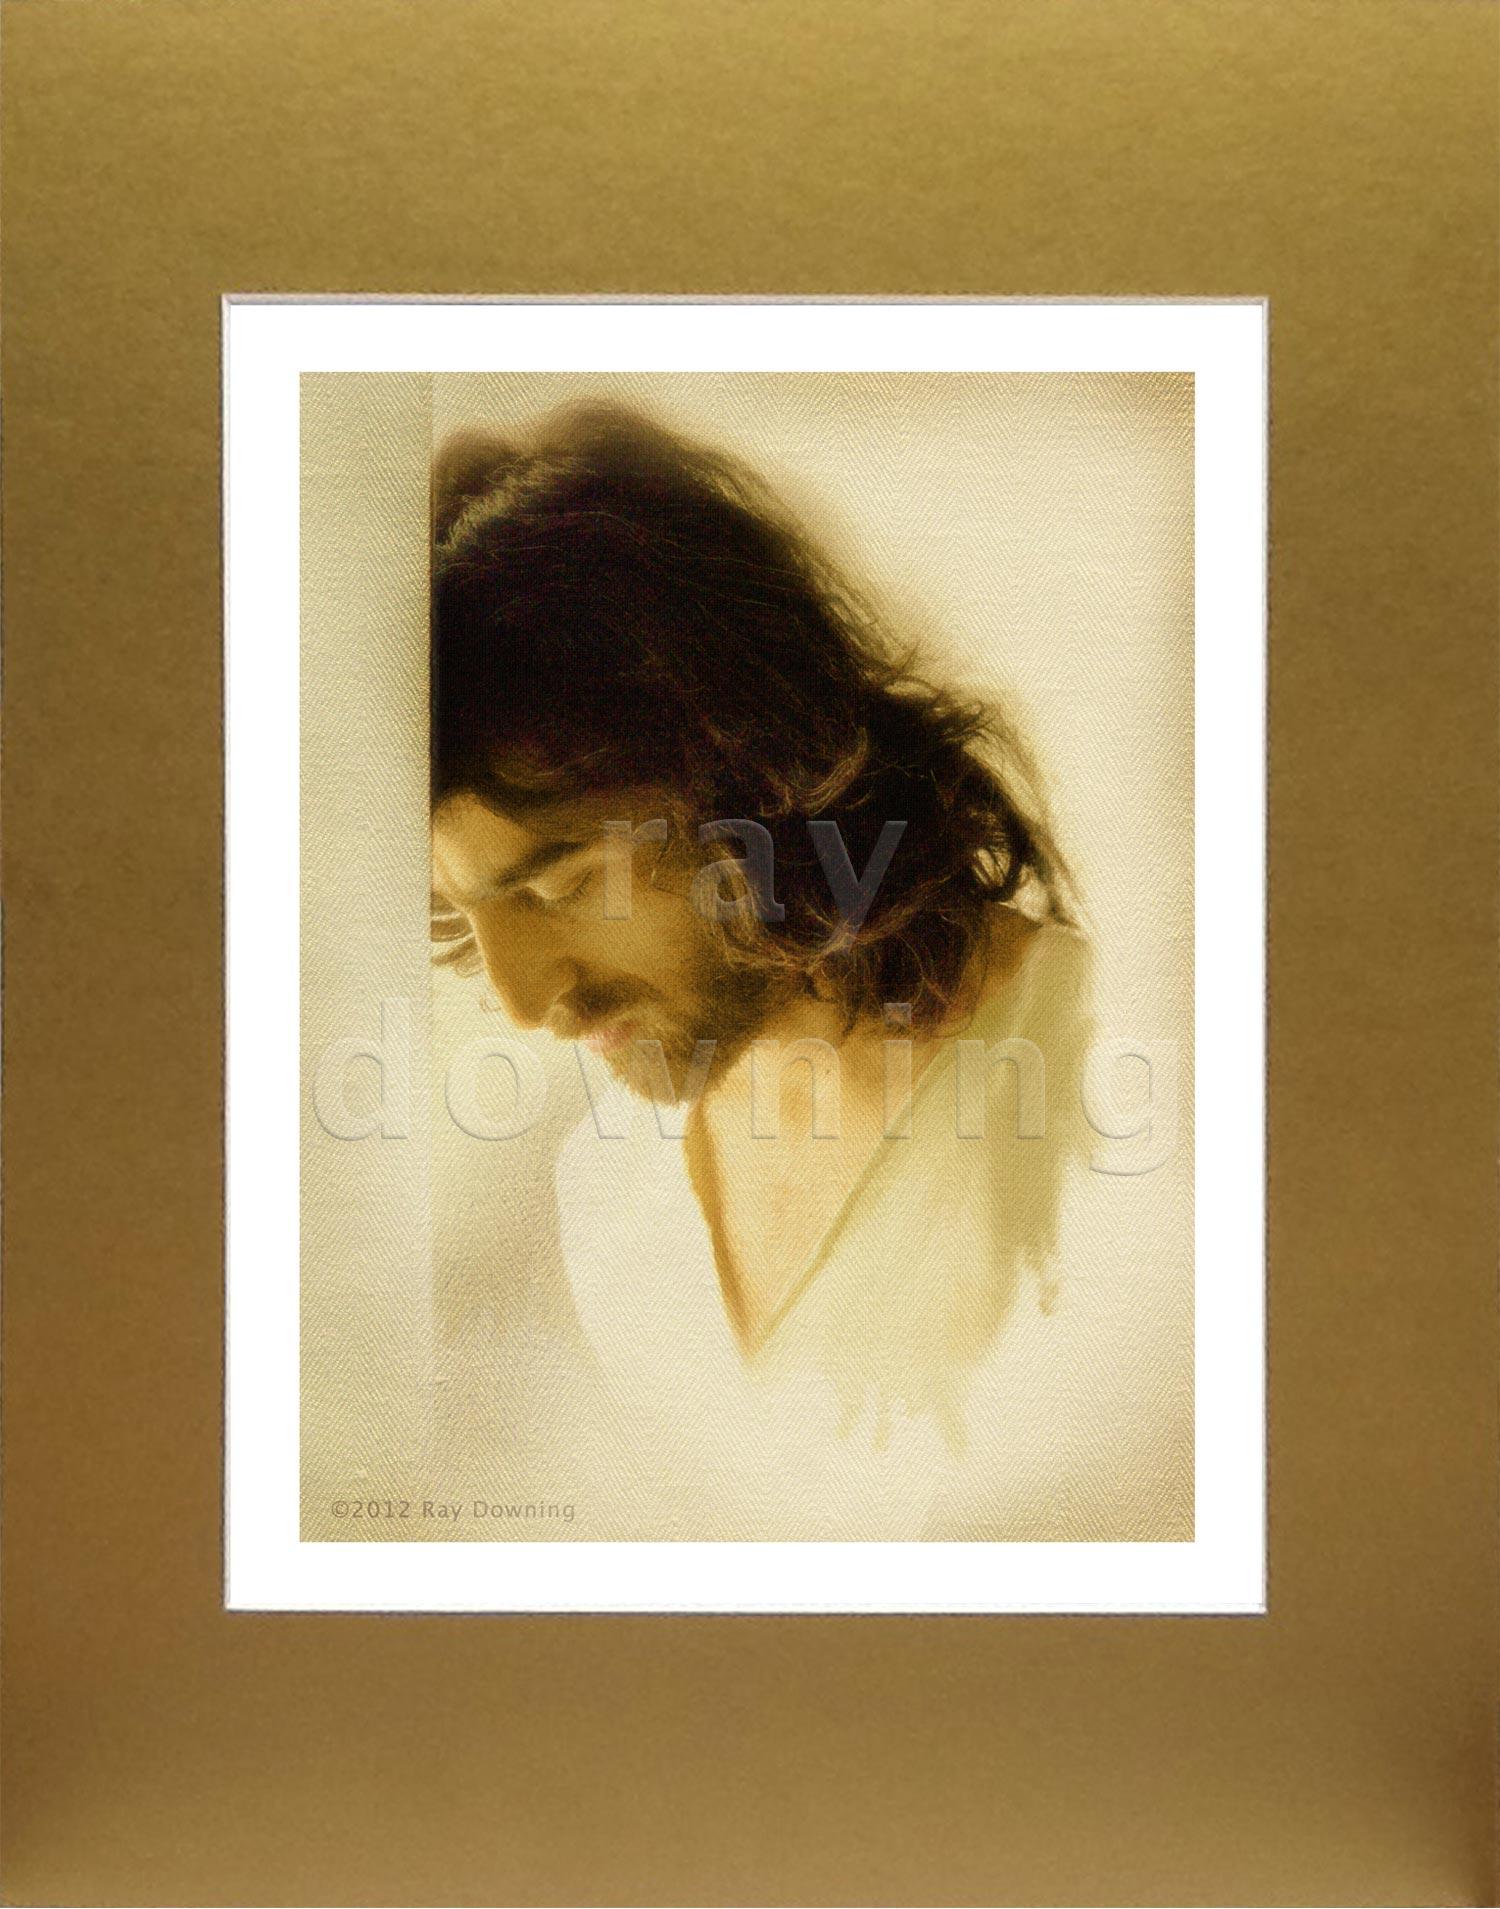 jesus-pictures-shroud-of-turin-praying.jpg